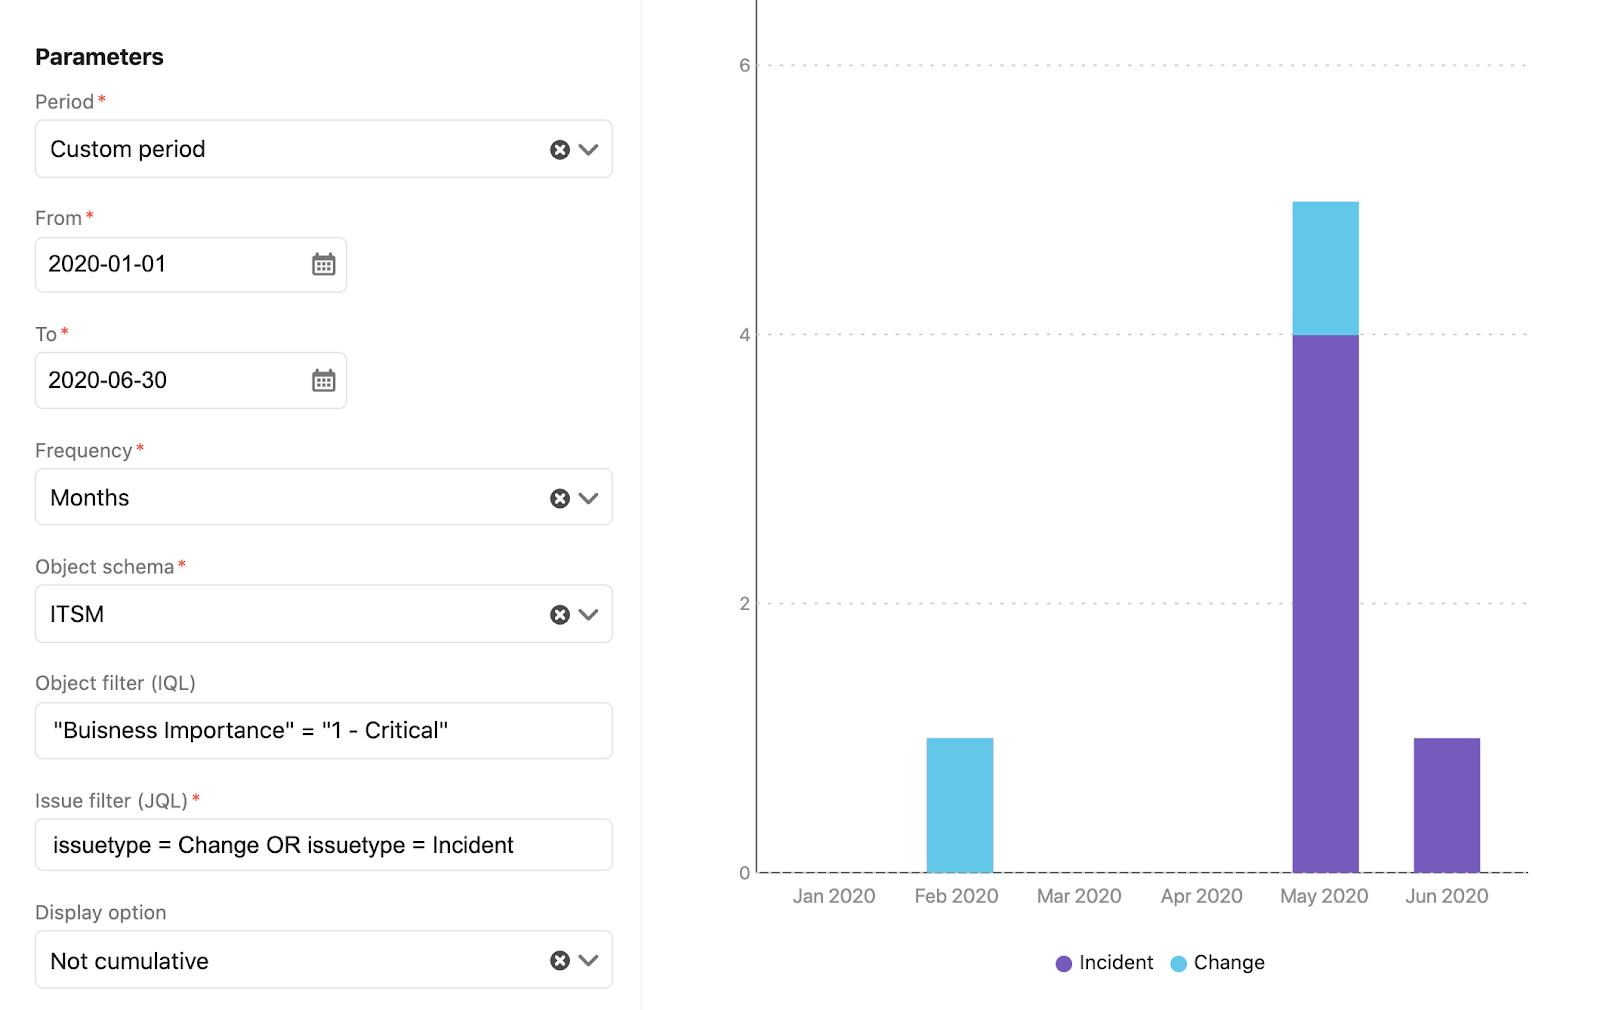 Ventana de configuración de un informe de Insight que muestra el número de cambios o incidentes relacionados con objetos que tienen asignada la máxima importancia empresarial.